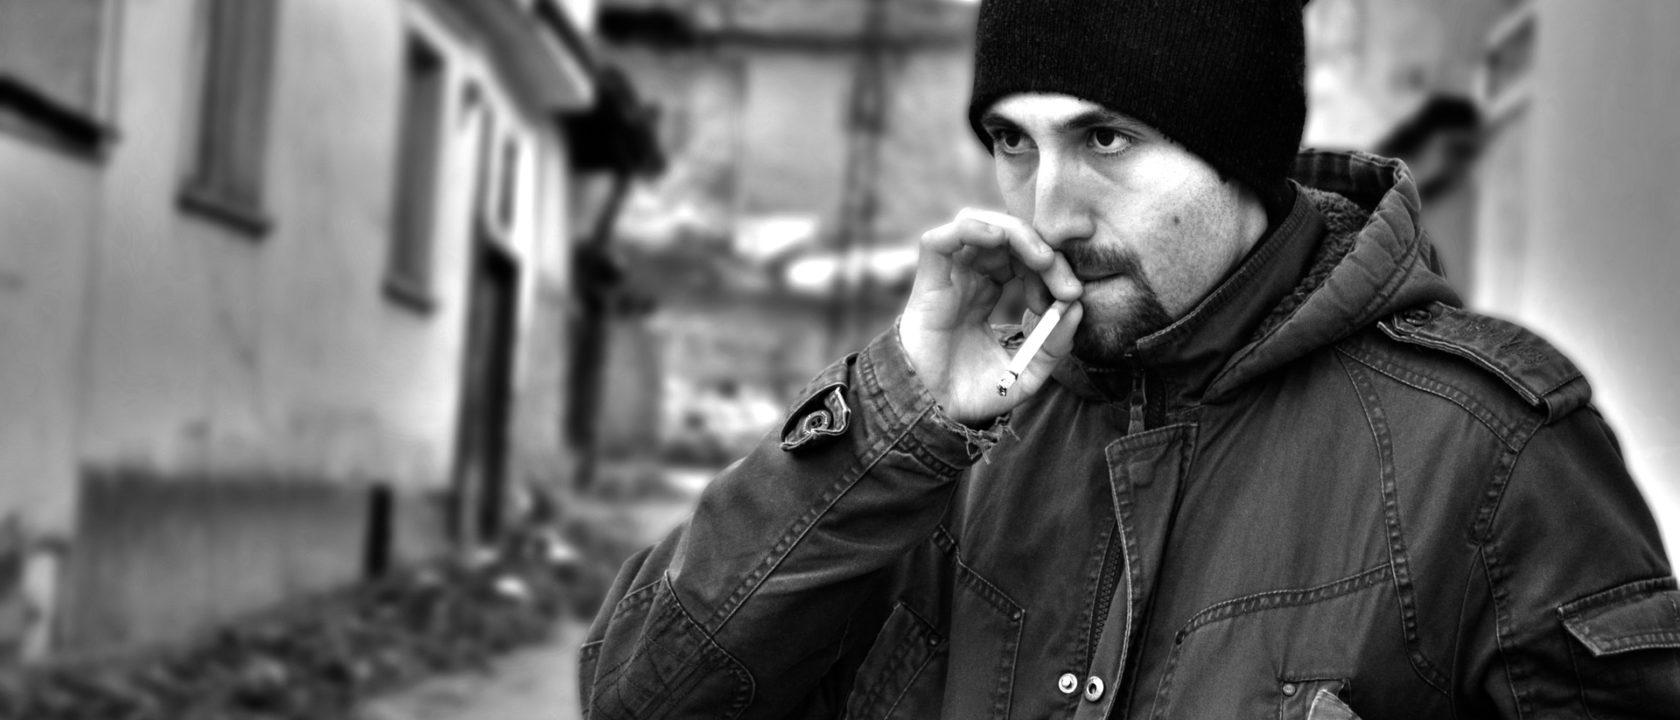 Sigarasından nefes çeken bir adam.